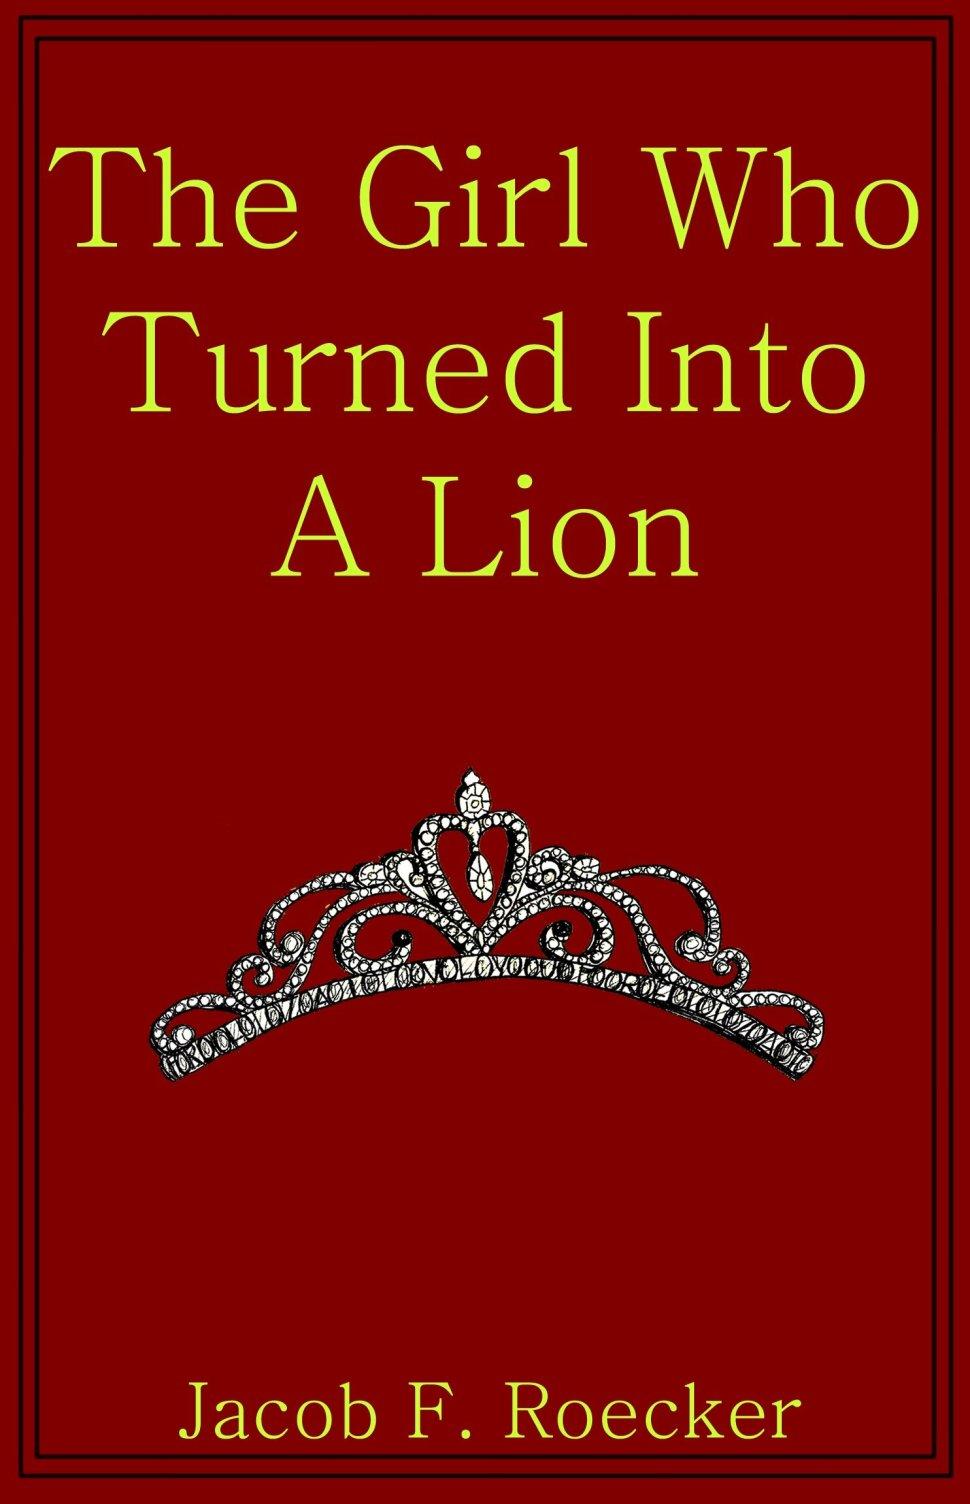 the-girl-who-turned-into-a-lion-kindle2.jpeg